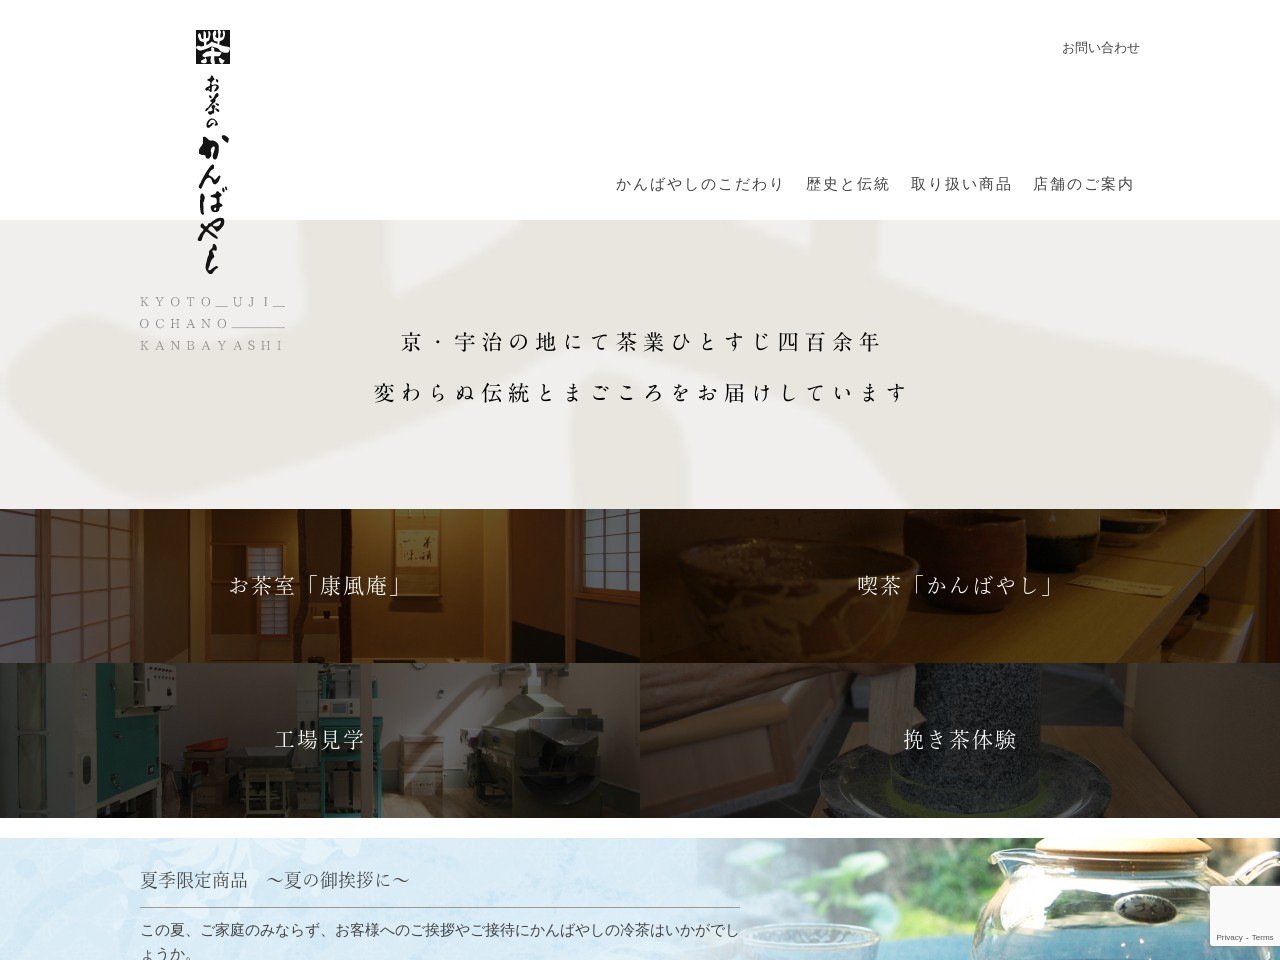 美味しいお茶を、京都、宇治からお届けします。 - 創業四百余年、京都・宇治茶舗|お茶のかんばやし